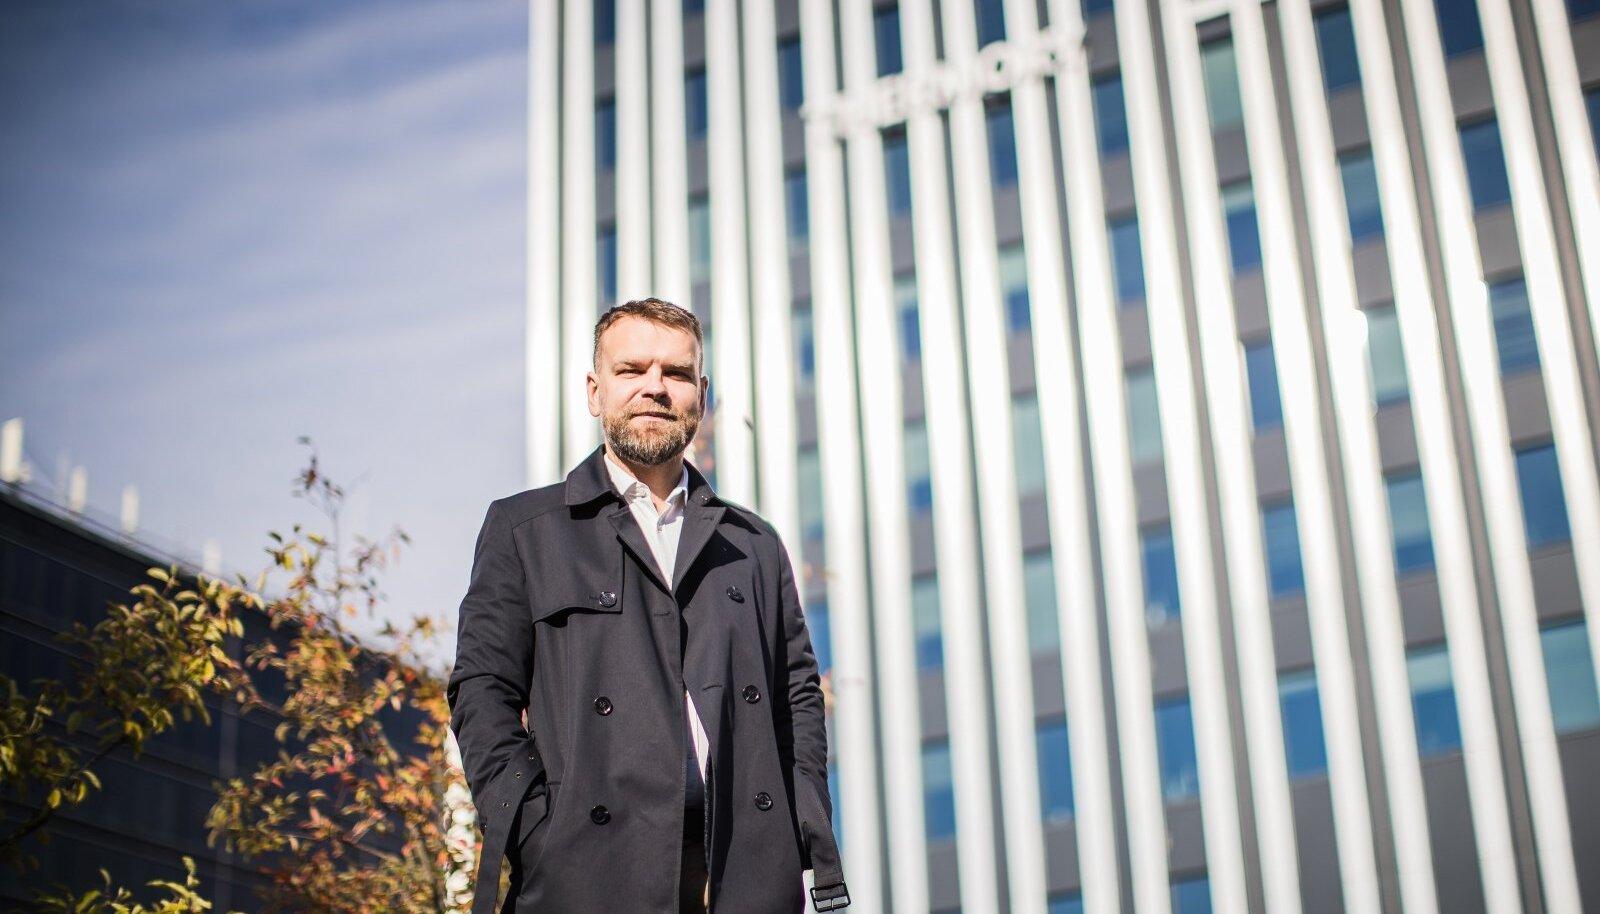 Kinnisvarafirmade liidu juhatuse esimees ja AS-i Technopolis Ülemiste juht Gert Jostov ütleb, et detailplaneeringu kehtestamine võib võtta aega aastaid, isegi üle kümne aasta. Väidetavasti erineb planeeringuga ja ilma selleta maatükkide hind siiski nii palju, et see risk tasub end ära.